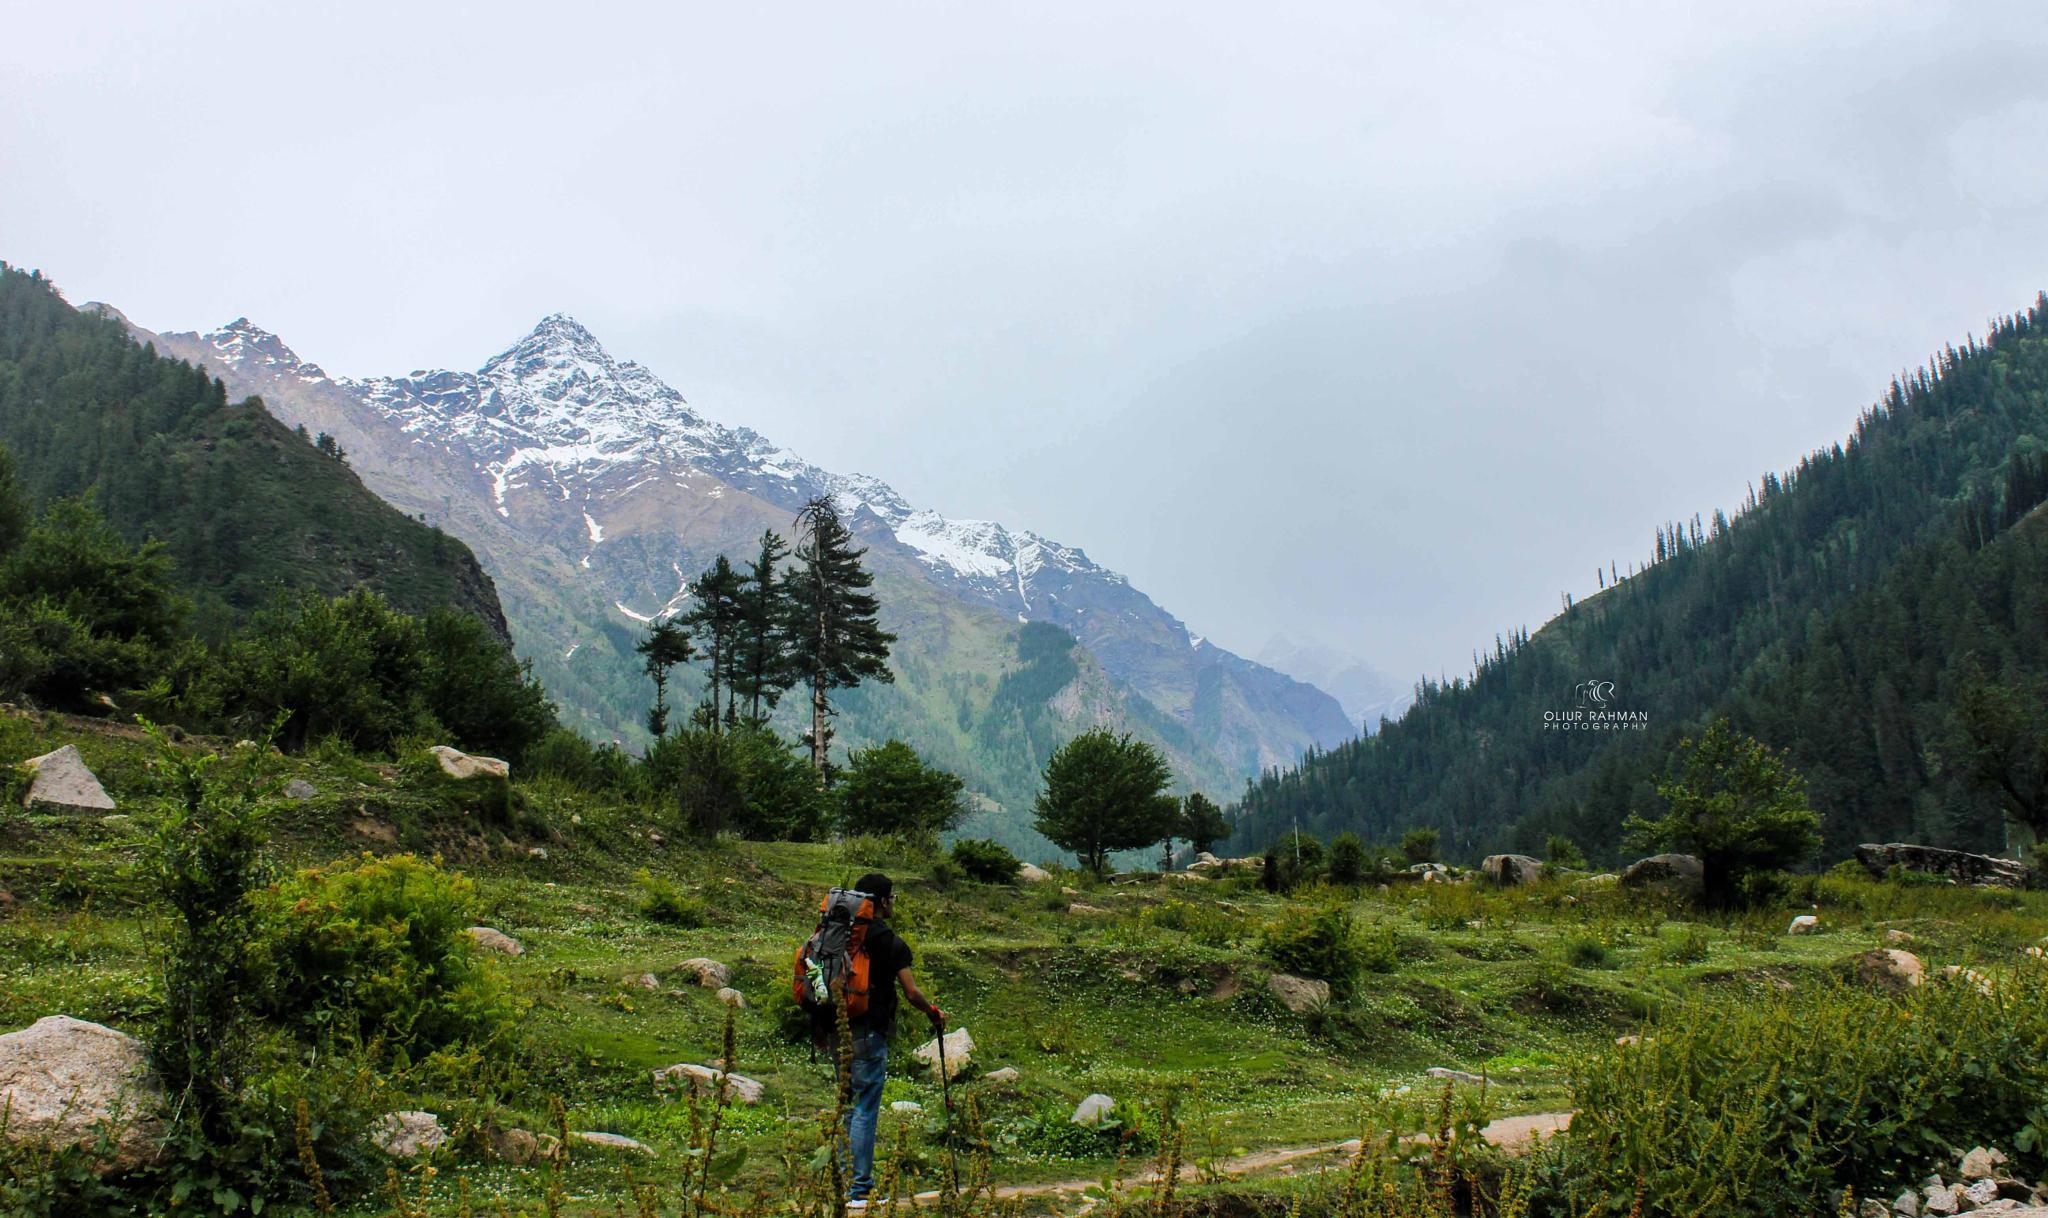 A Trek to Indian Himalayas by Oliur Rahman